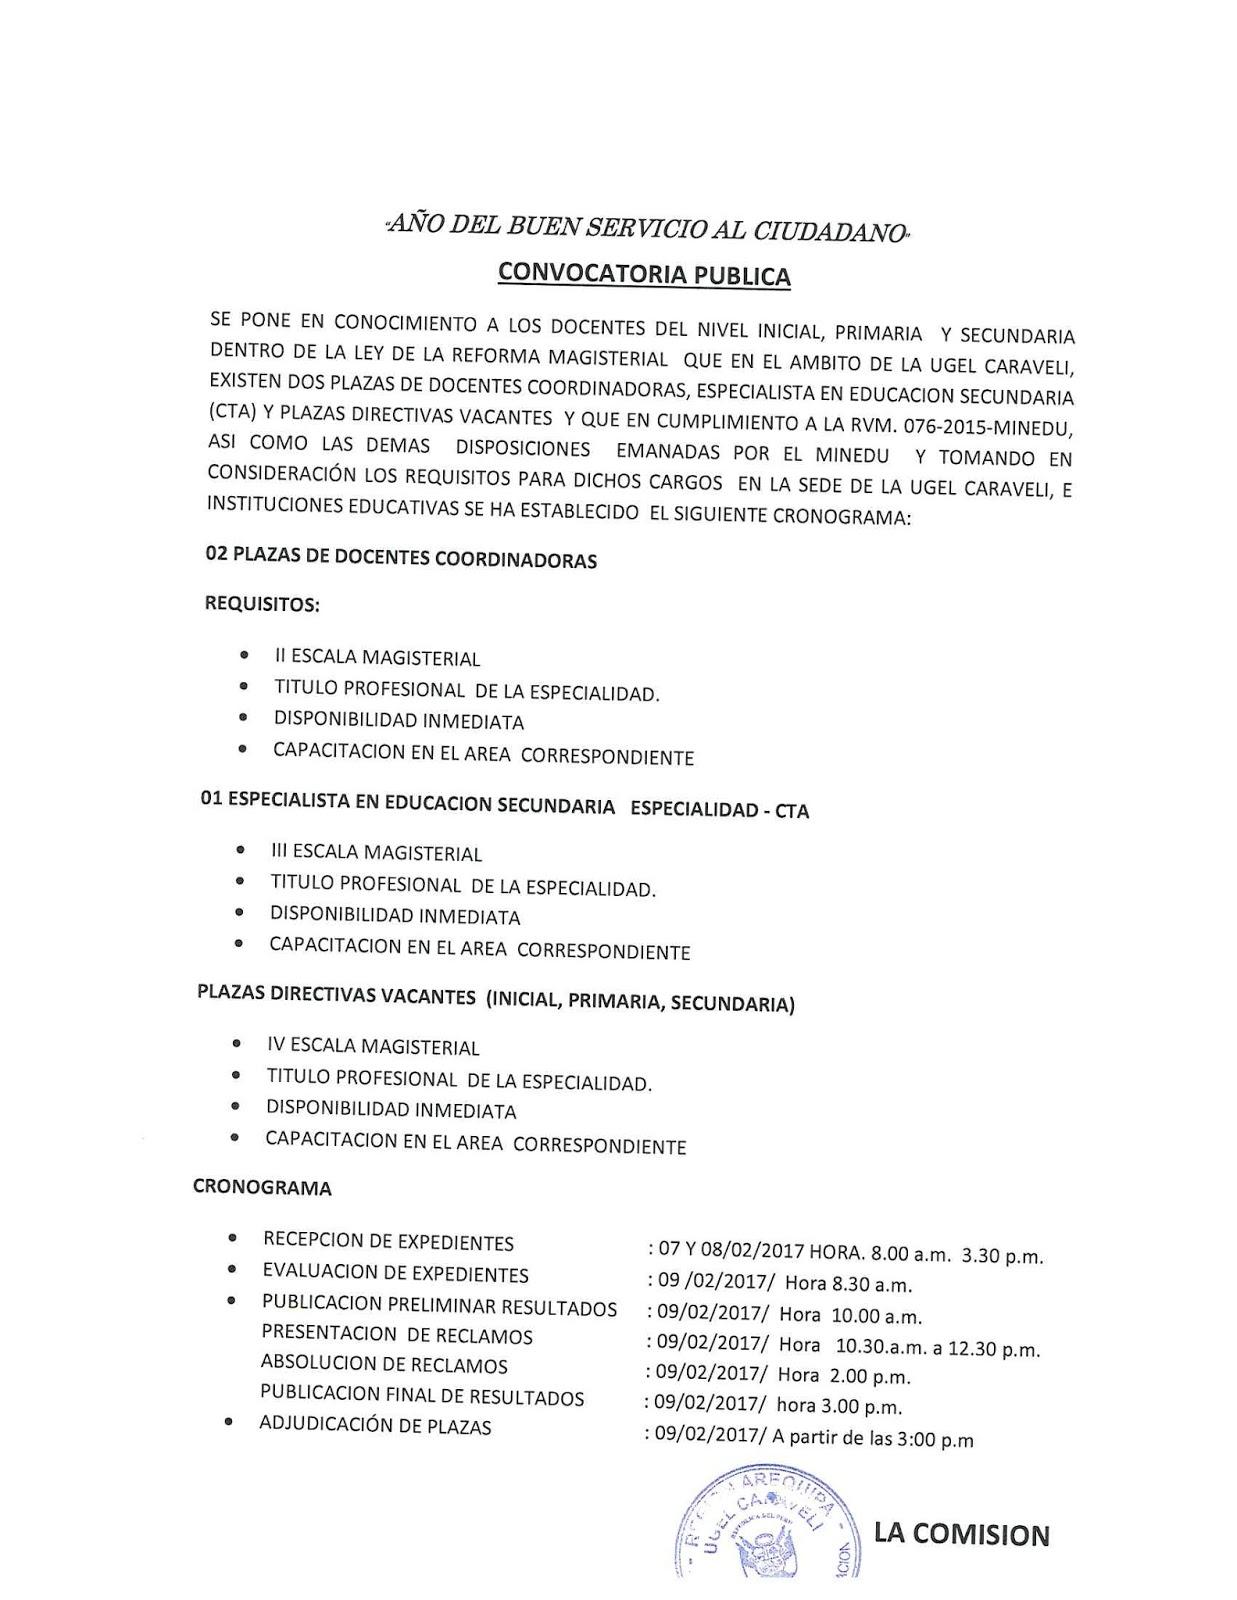 Convocatoria publica ugel caravel for Convocatoria de plazas docentes 2017